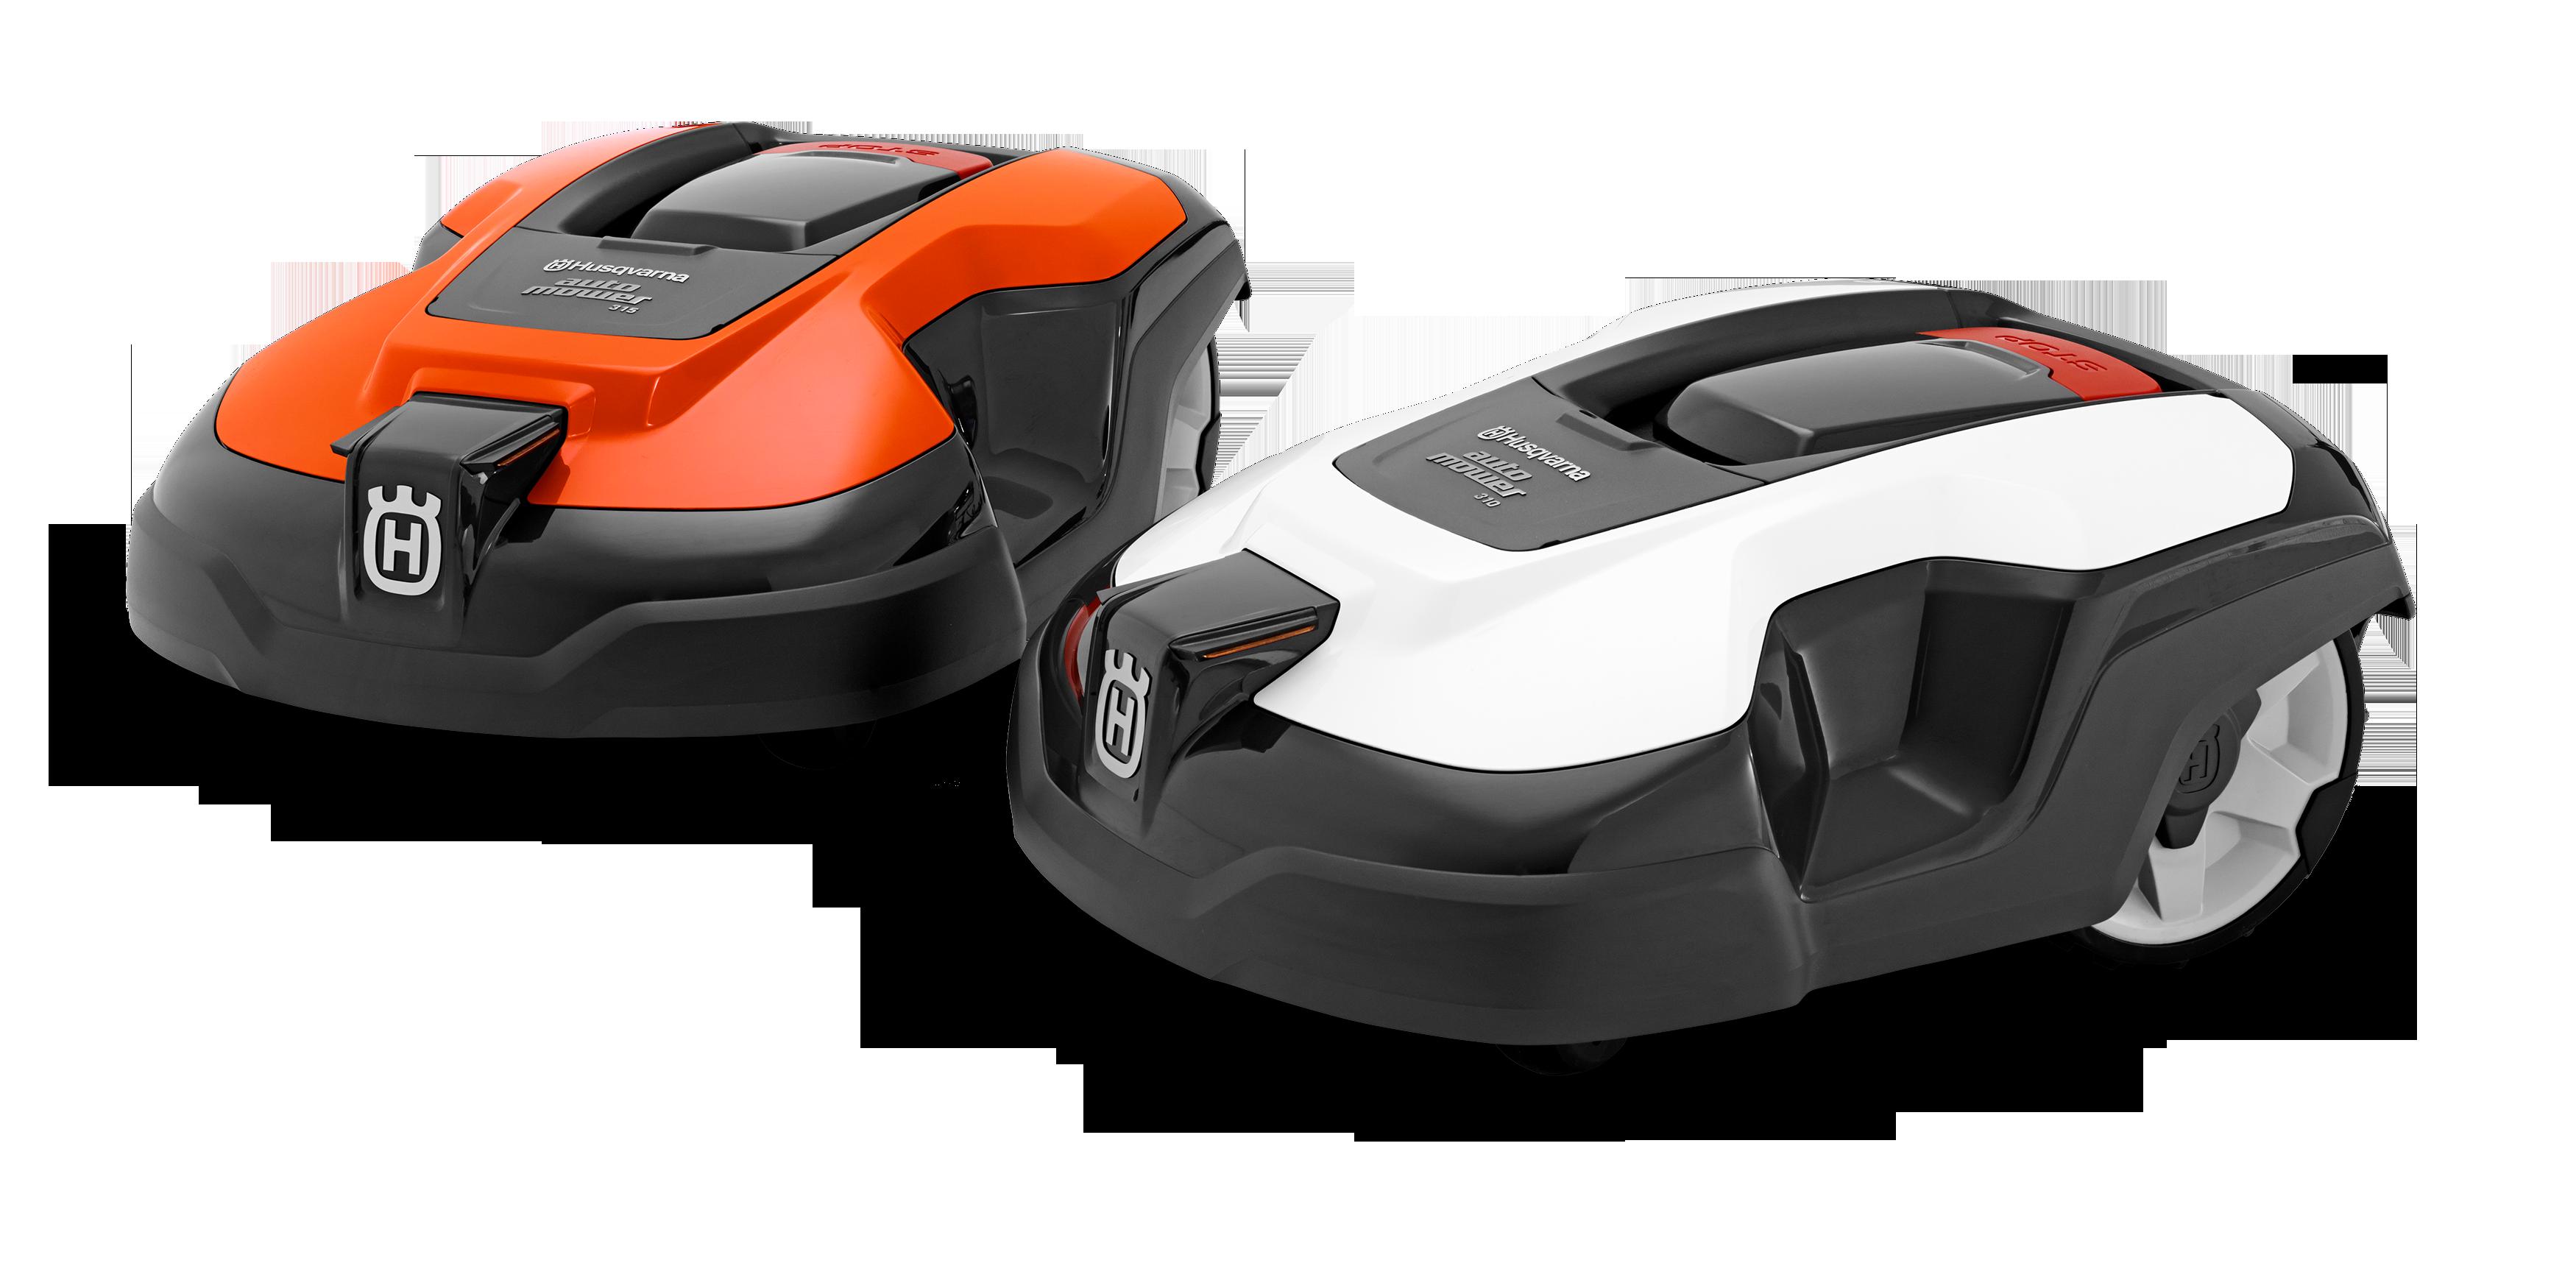 Melns ar oranžu augšas daļu un melns ar baltu augšas daļu Husqvarna zāles pļāvēji roboti – Automower 310 modelļi, paaugstināts skats no augšas kreisās puses